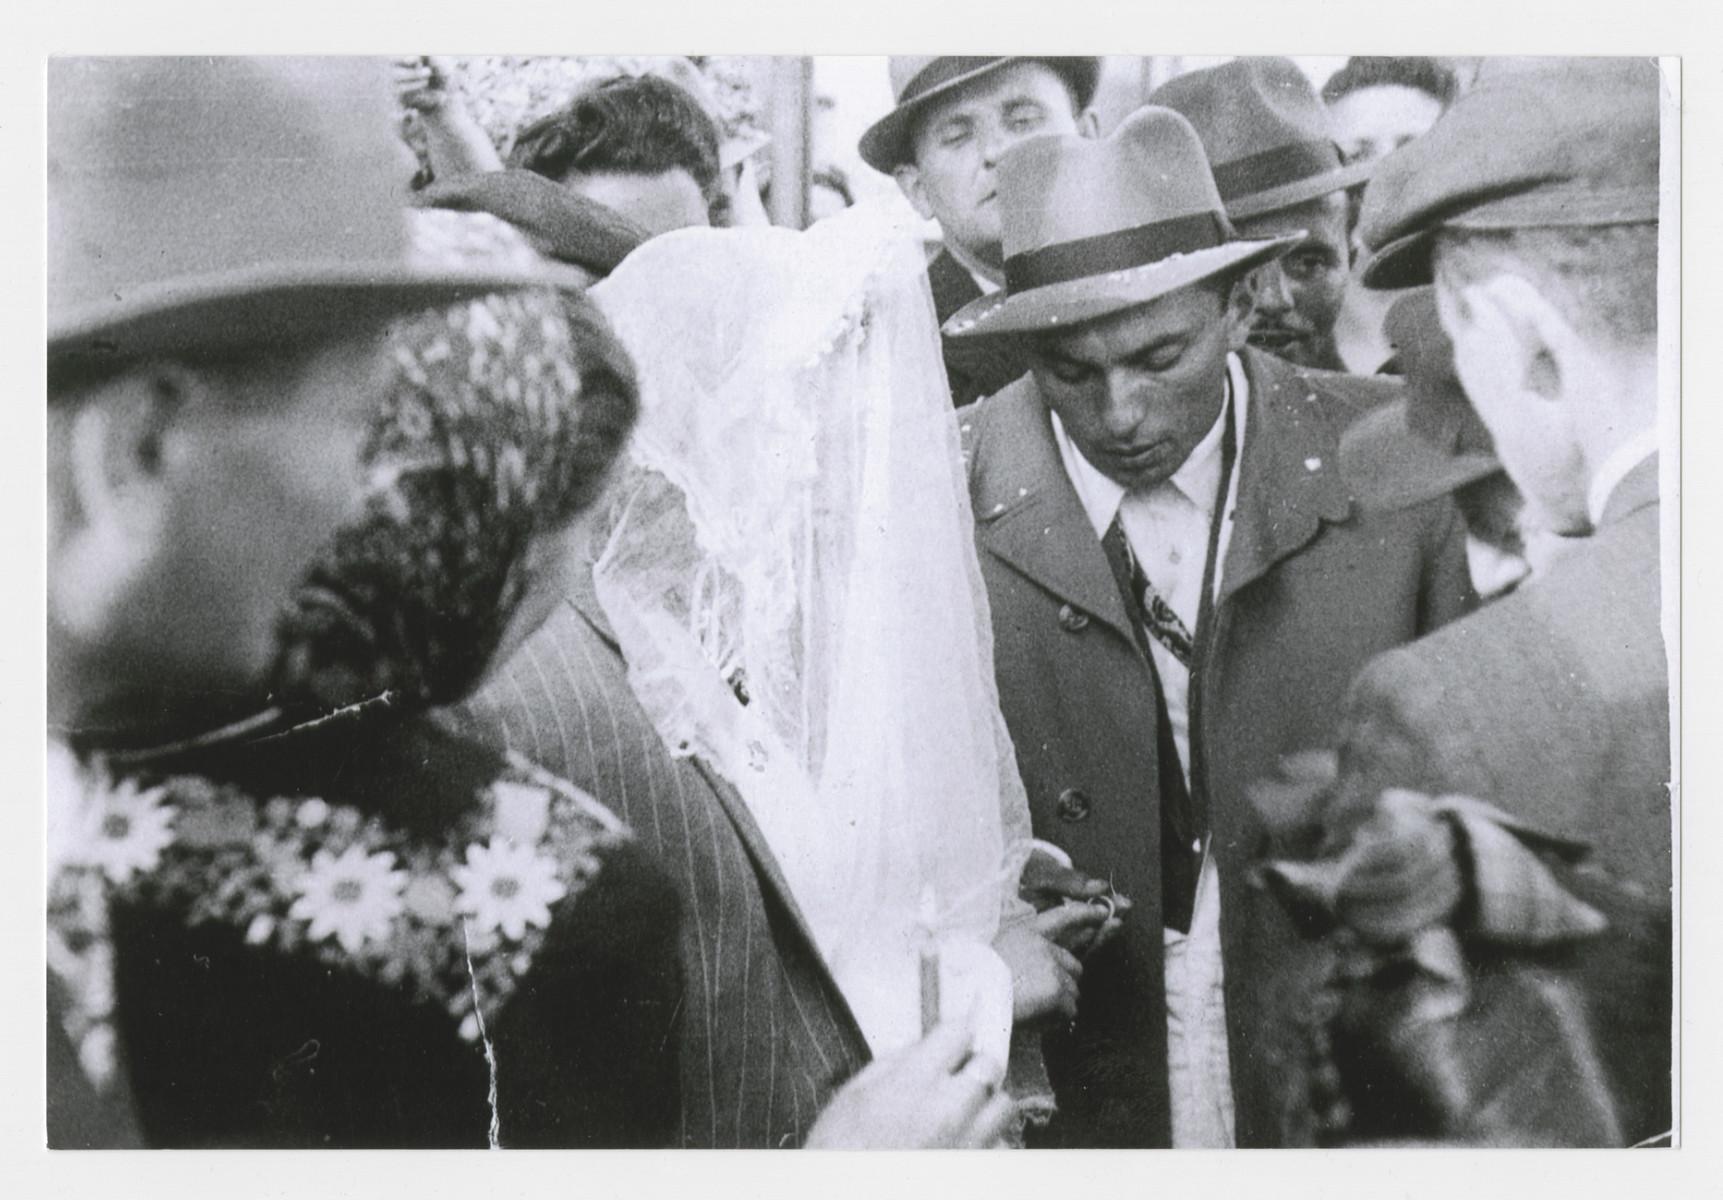 Wedding ceremony of Szaindl (Shirley) Dudlesak and Moses (Martin) Goldfarb.